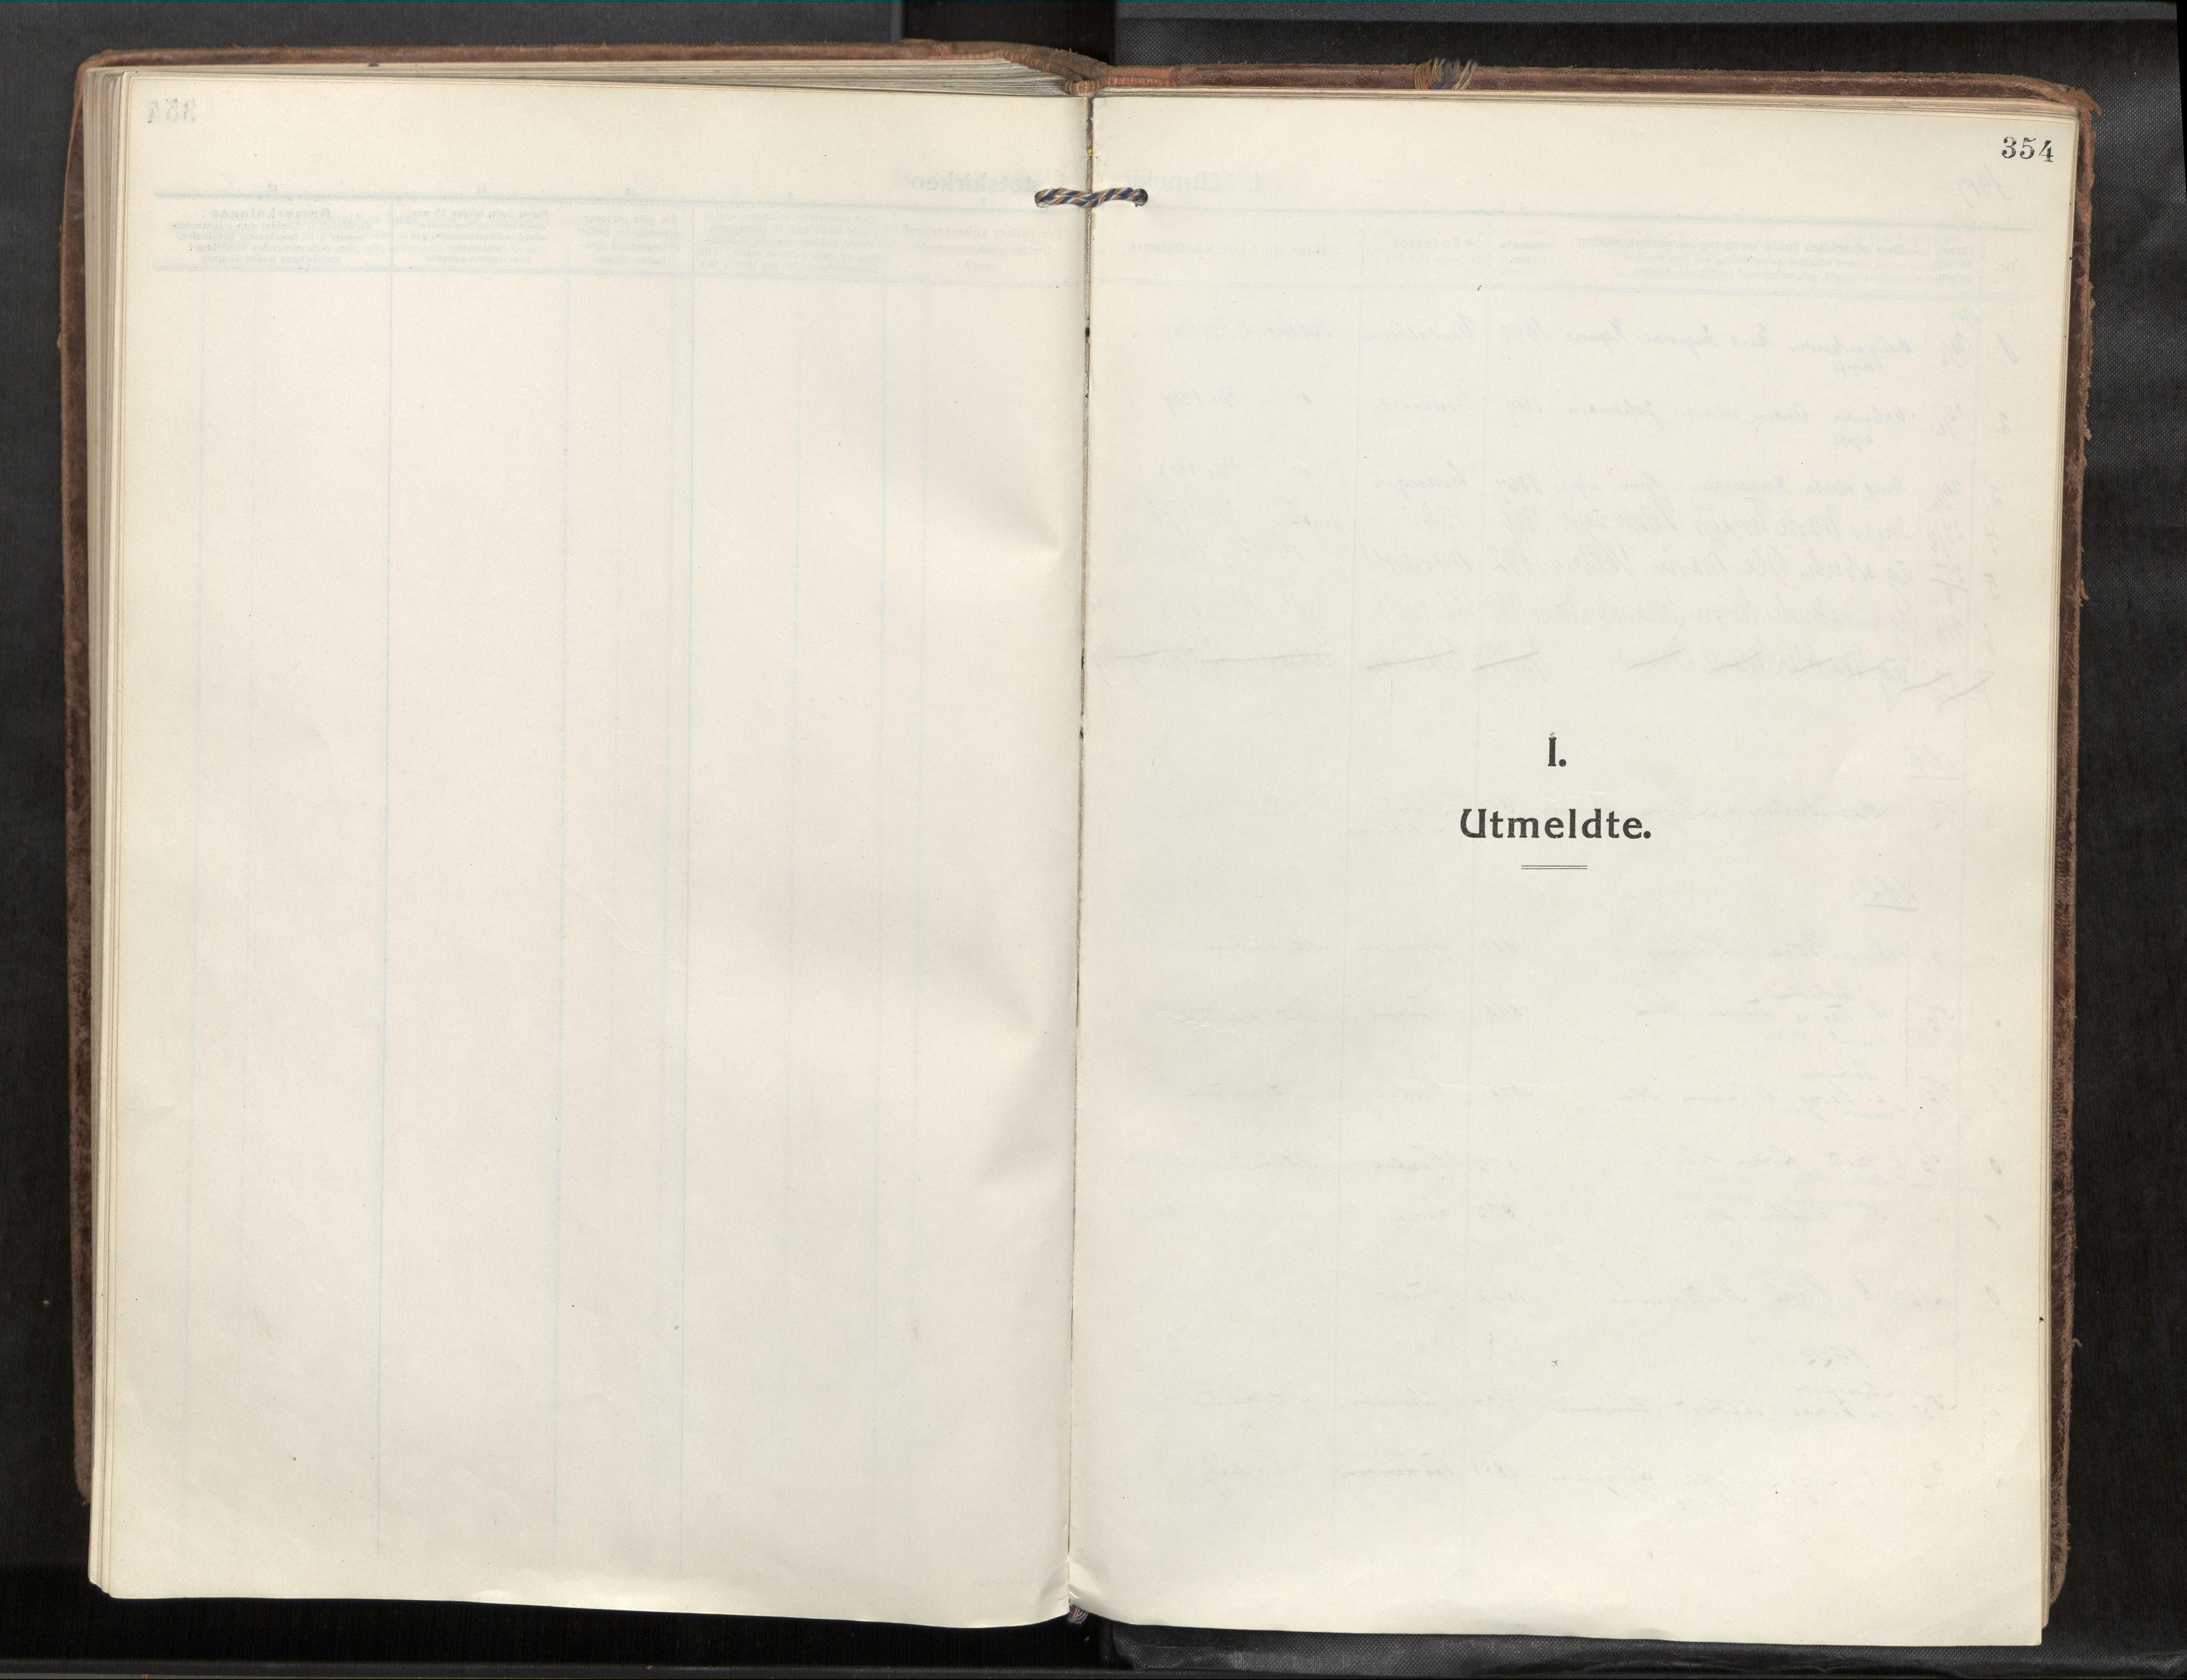 SAT, Verdal sokneprestkontor*, Parish register (official) no. 1, 1917-1932, p. 354